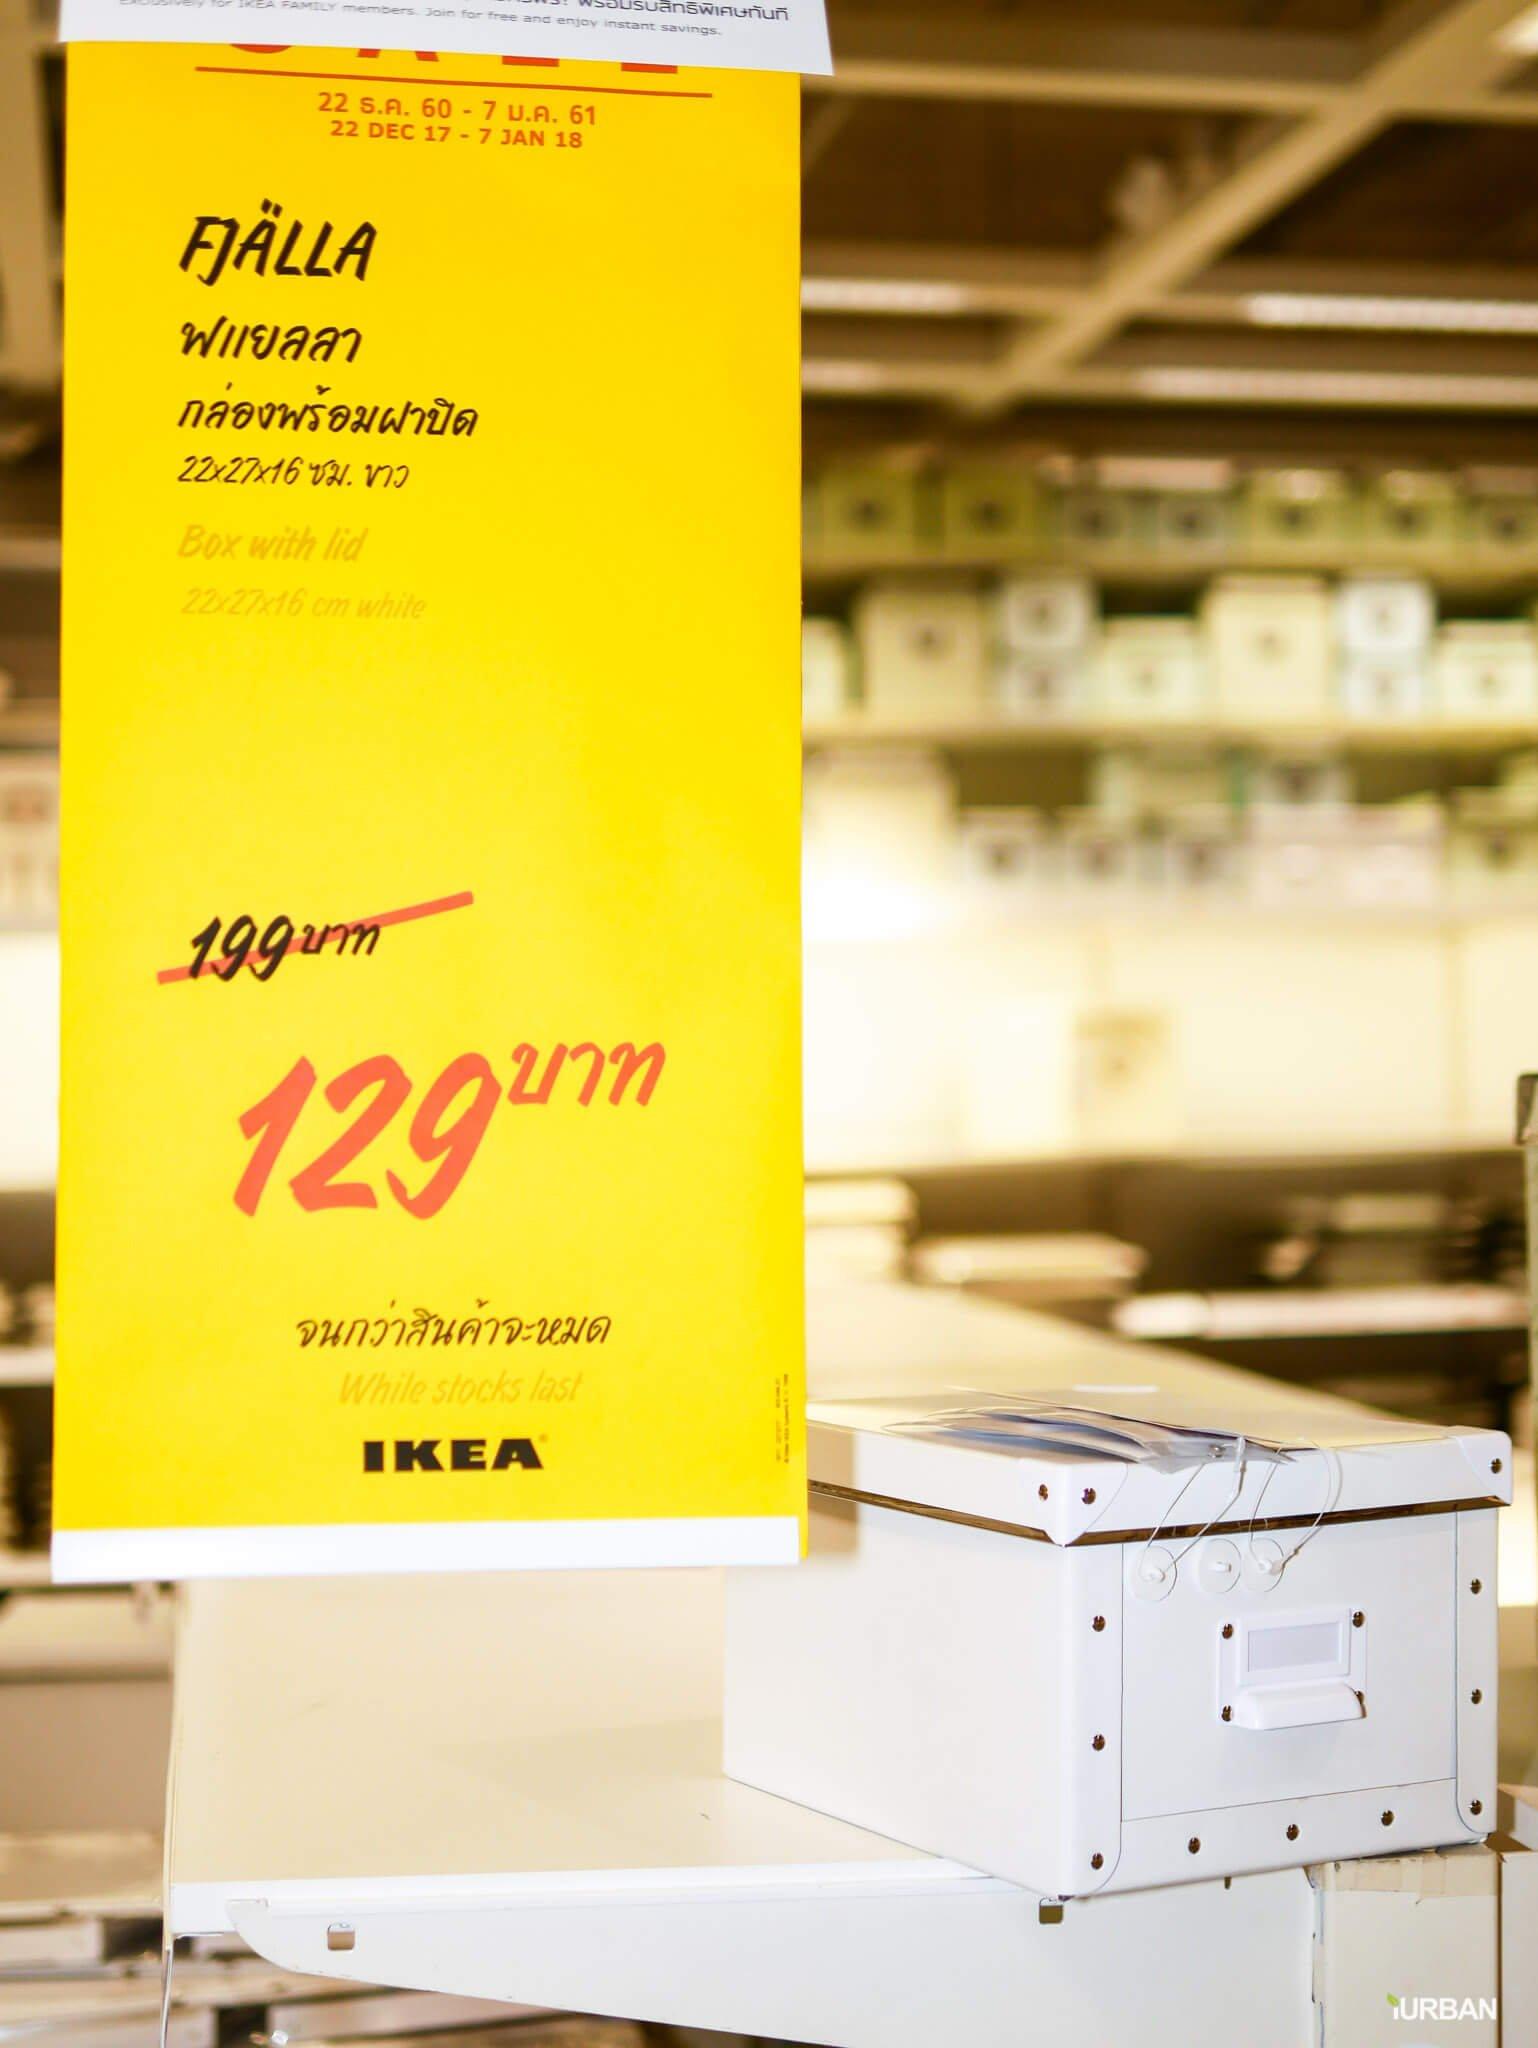 มันเยอะมากกกก!! IKEA Year End SALE 2017 รวมของเซลในอิเกีย ลดเยอะ ลดแหลก รีบพุ่งตัวไป วันนี้ - 7 มกราคม 61 170 - IKEA (อิเกีย)